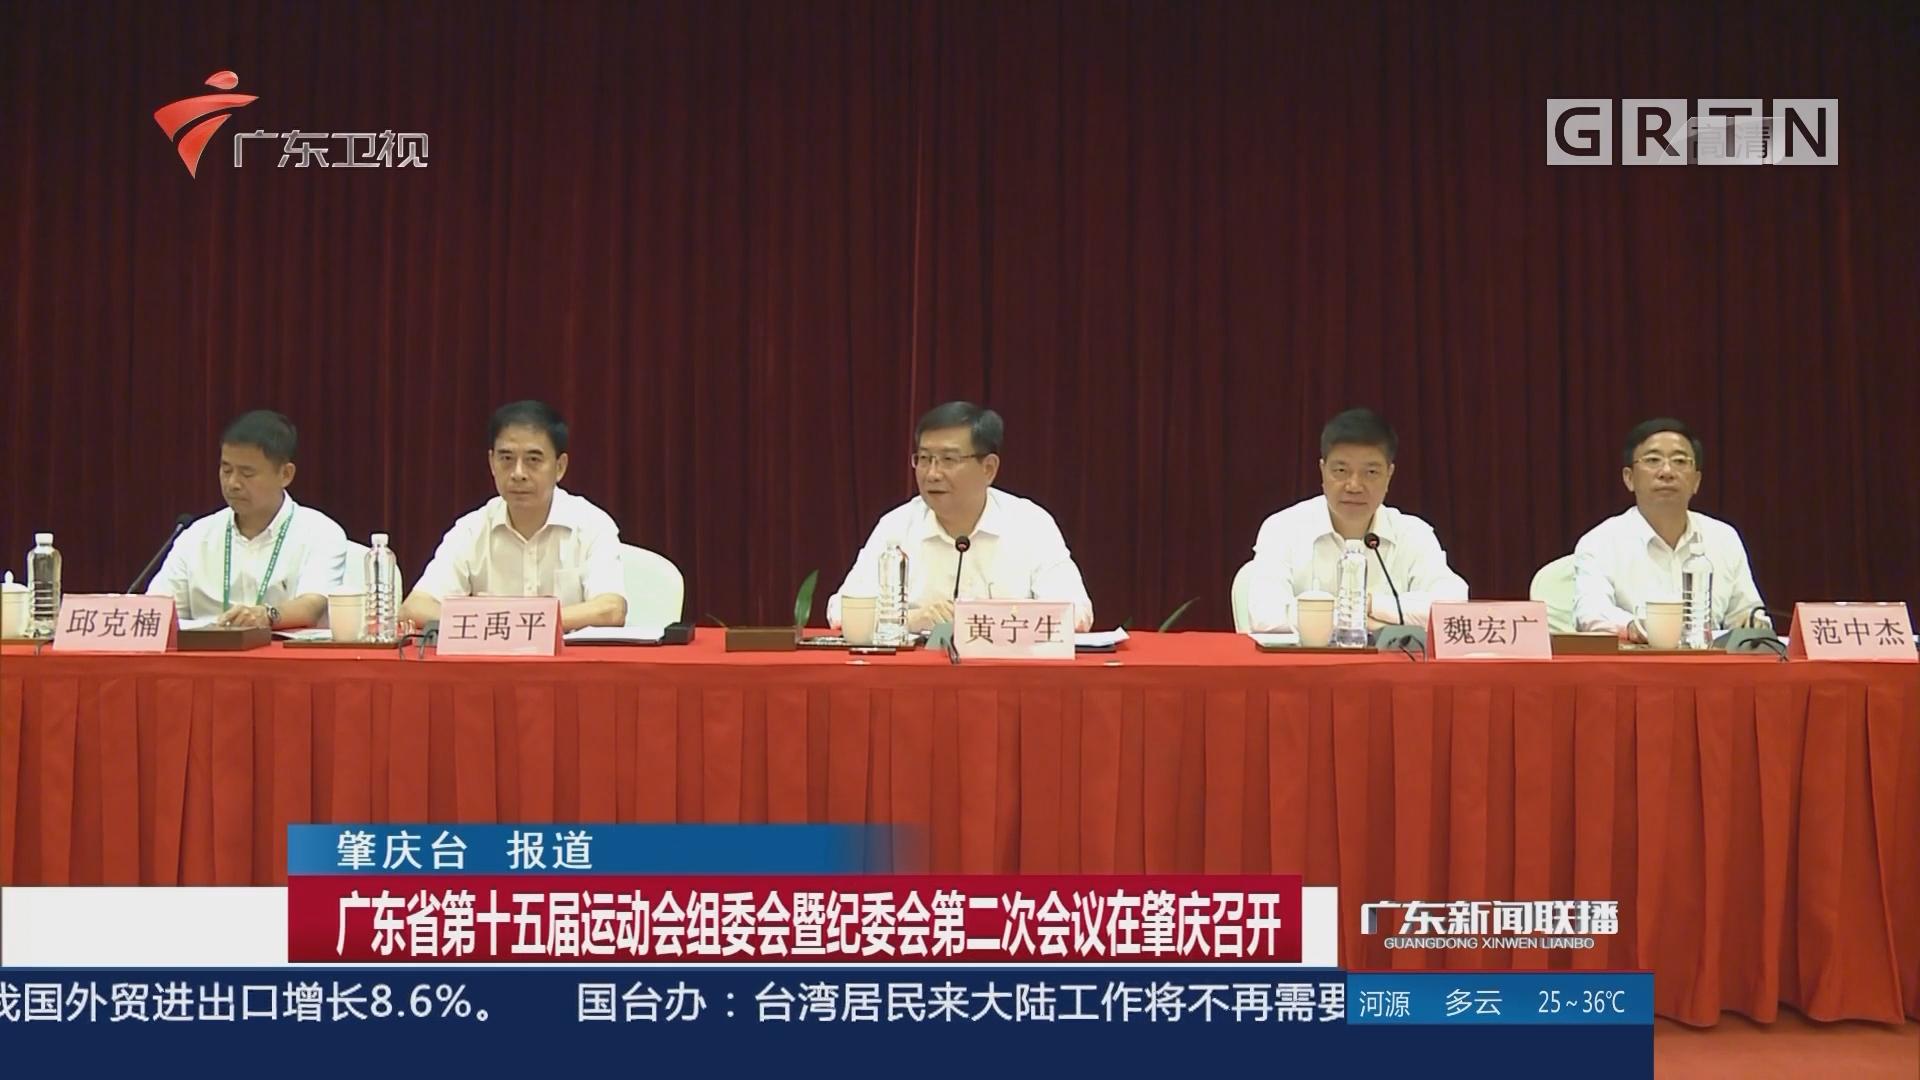 广东省第十五届运动会组委会暨纪委会第二次会议在肇庆召开